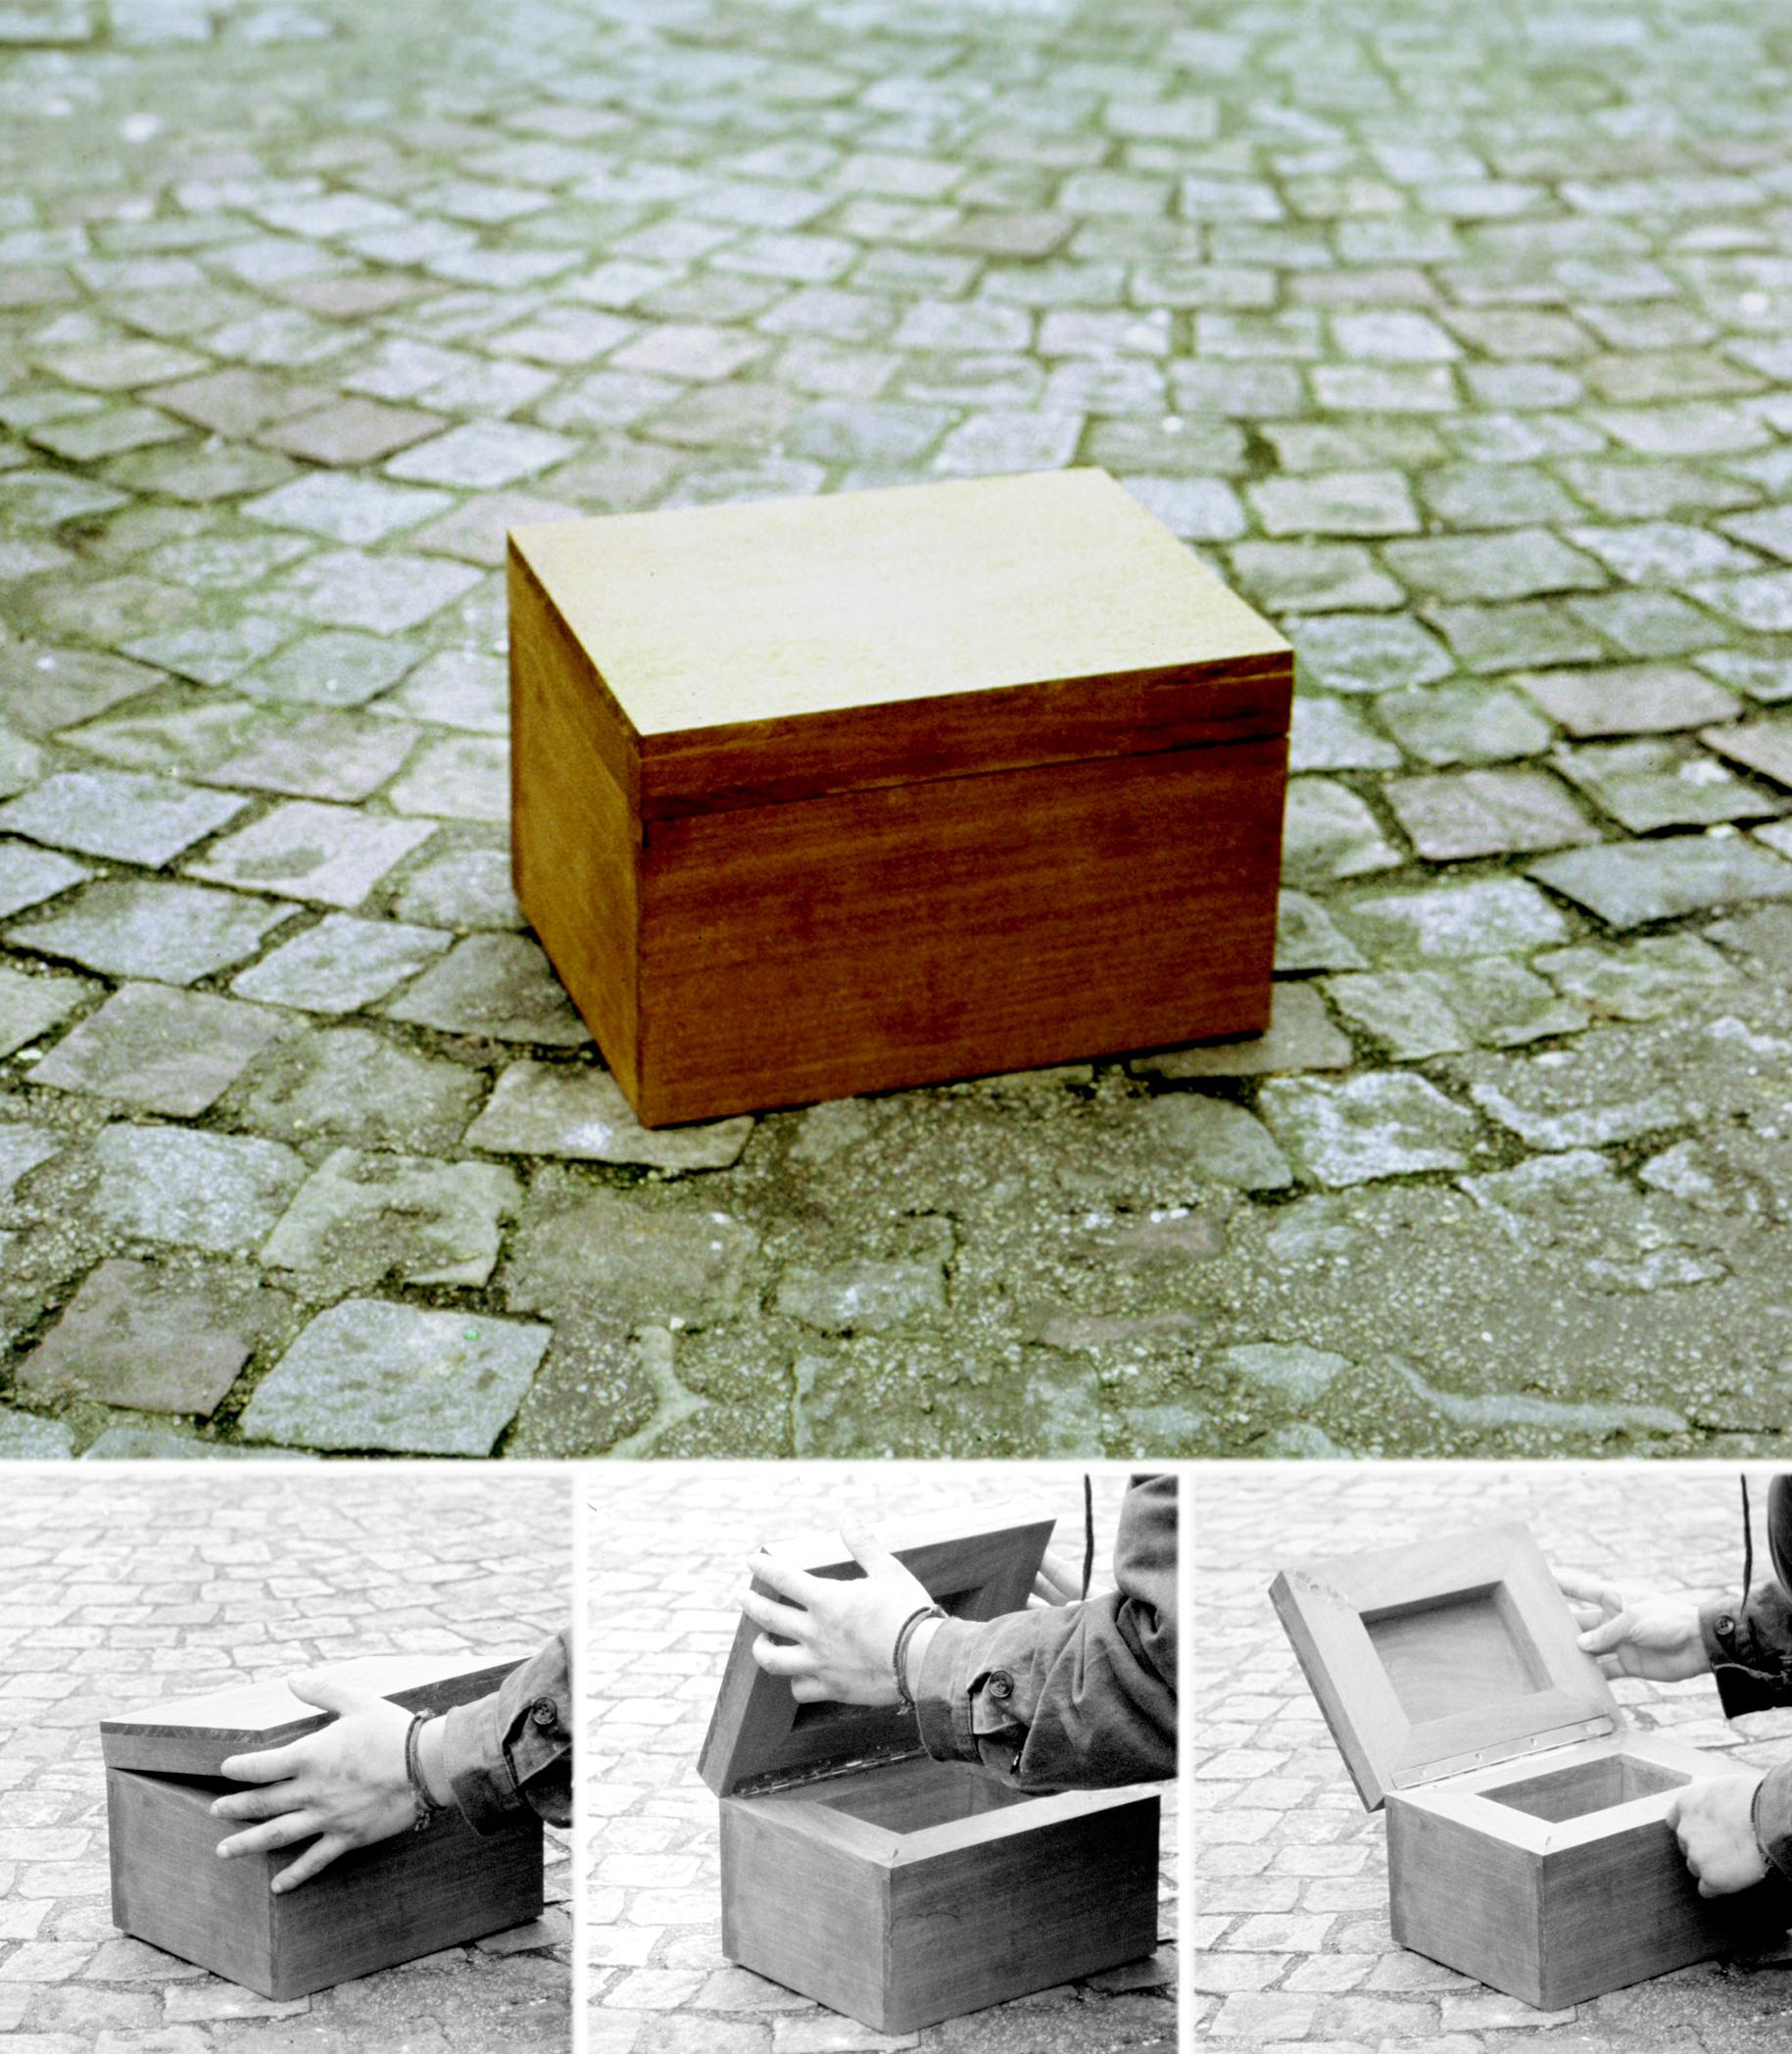 Boîte de Pandore, Lorella Abenavoli. Bois, enregistreur, haut-parleur, aimant. 2002. Pour transporter le Souffle de la Terre